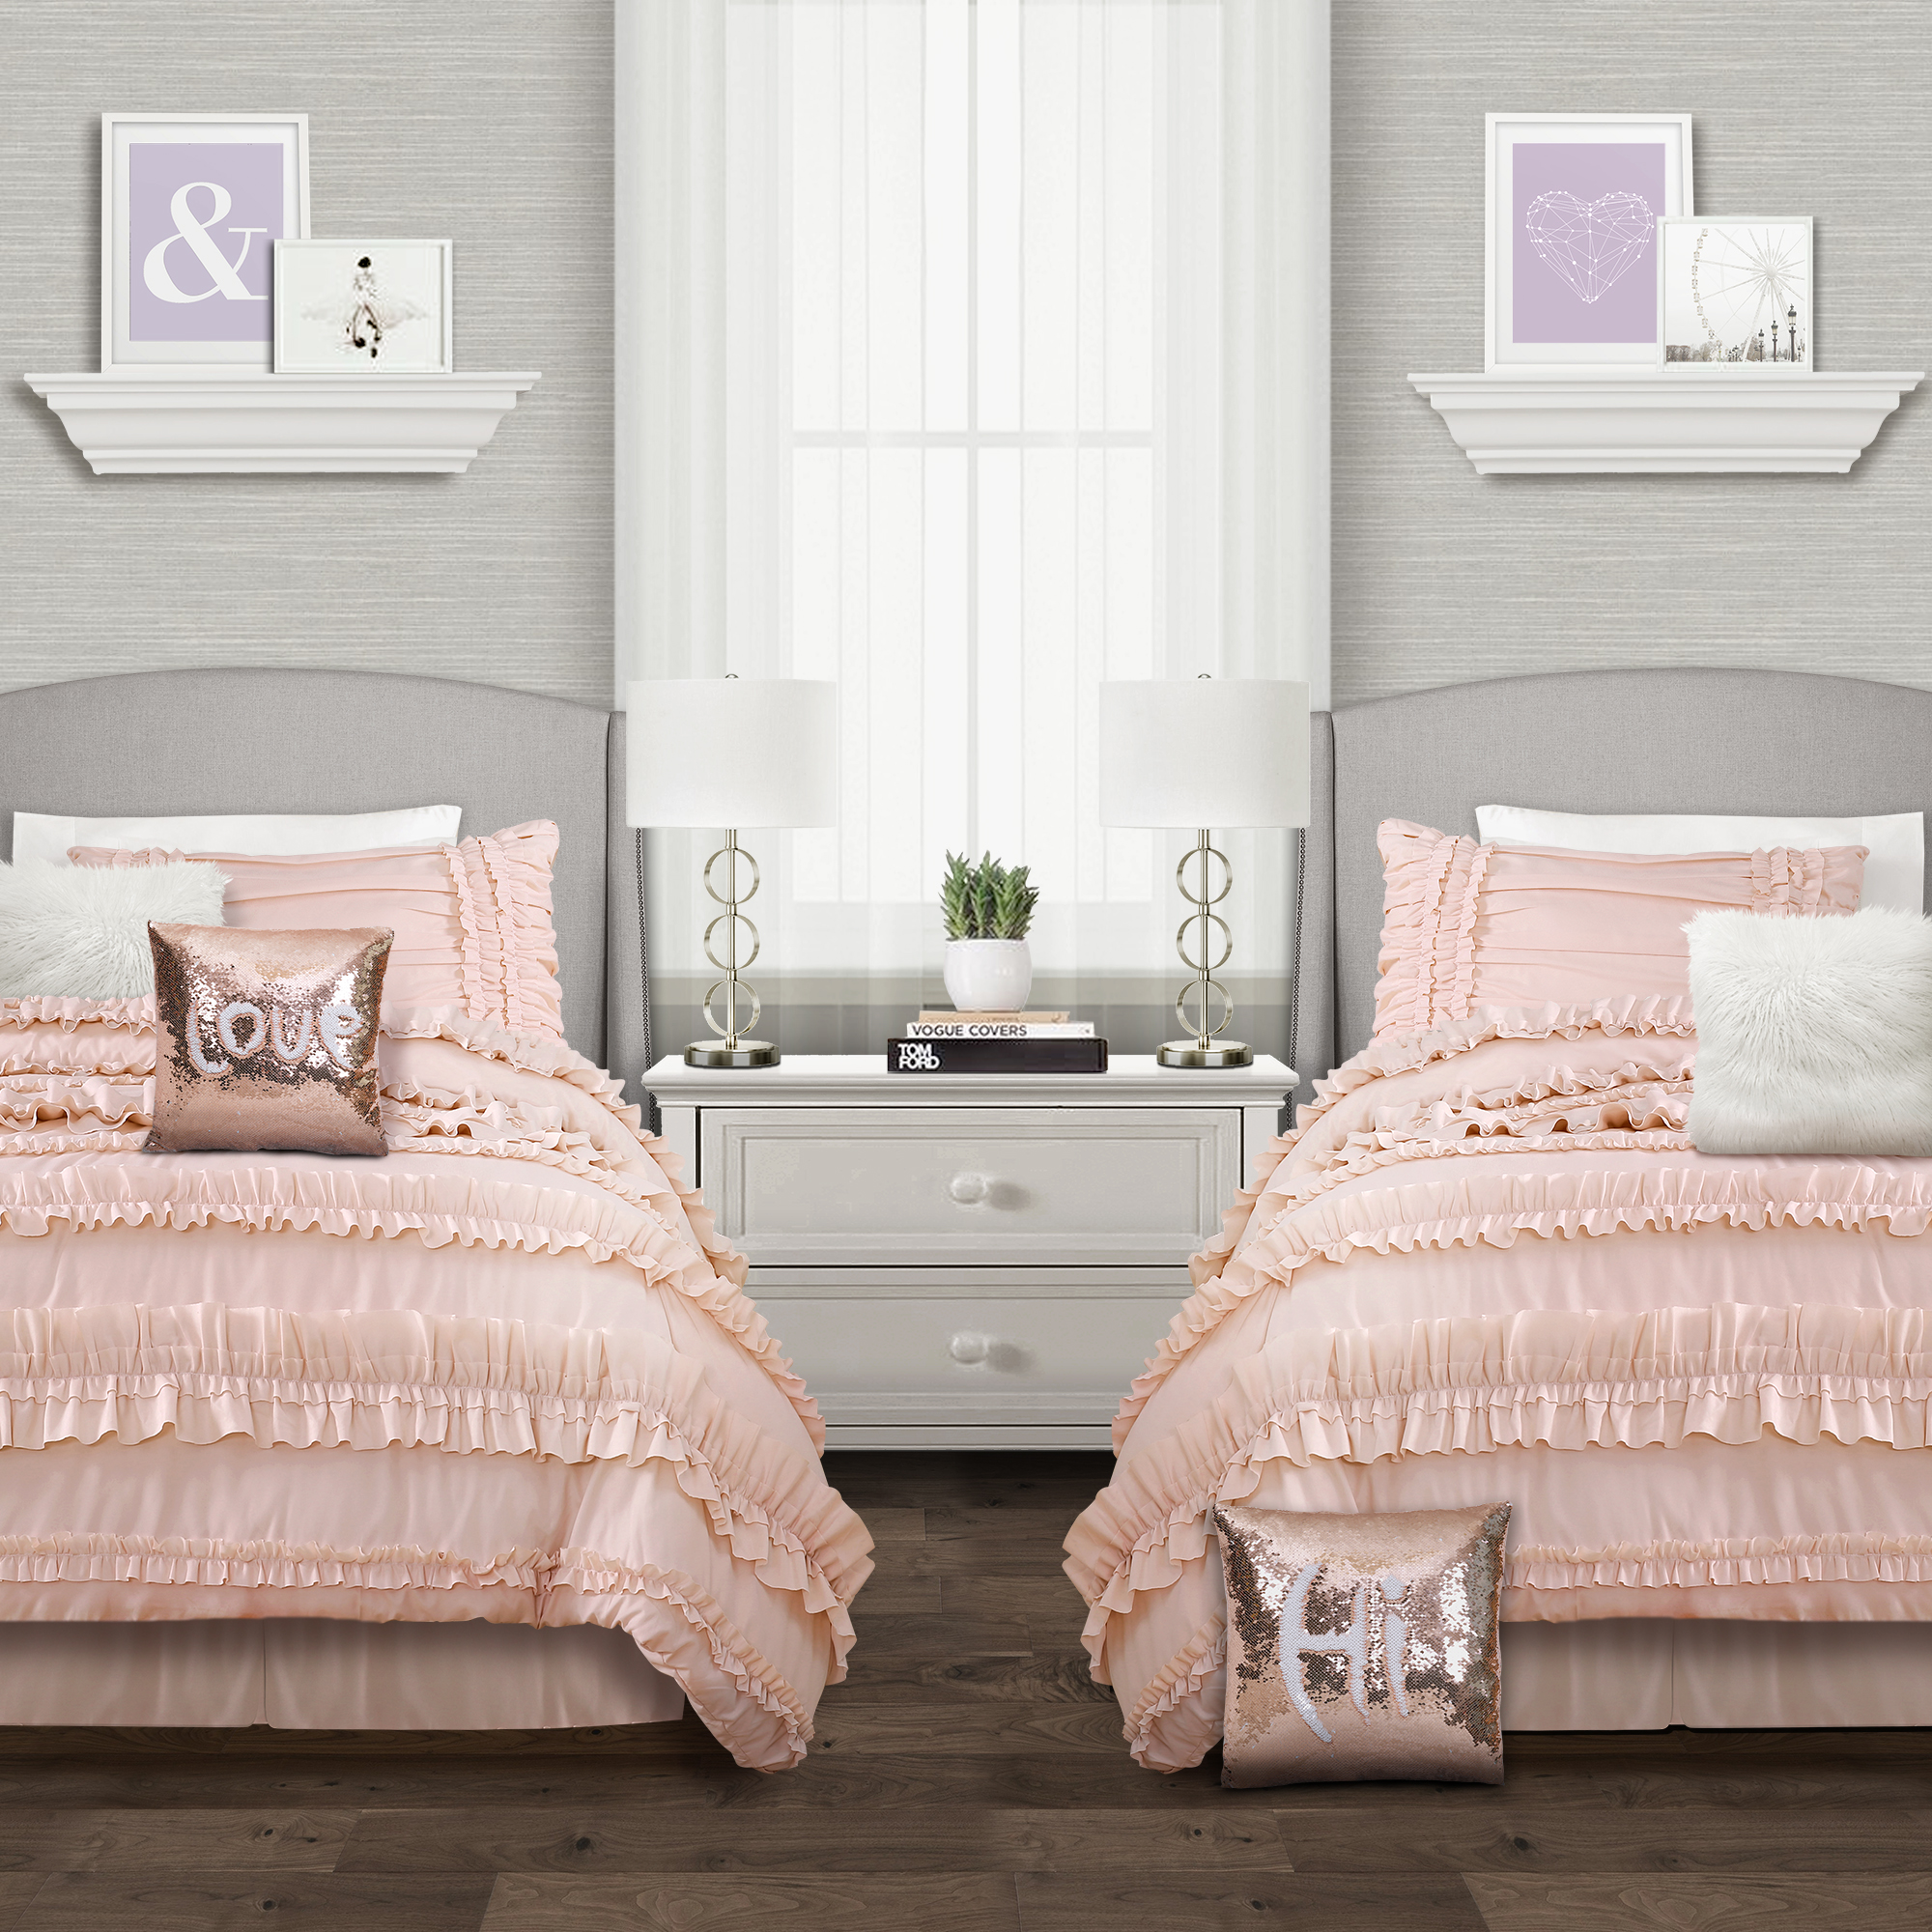 Belle Comforter Blush 4Pc Set Full Queen